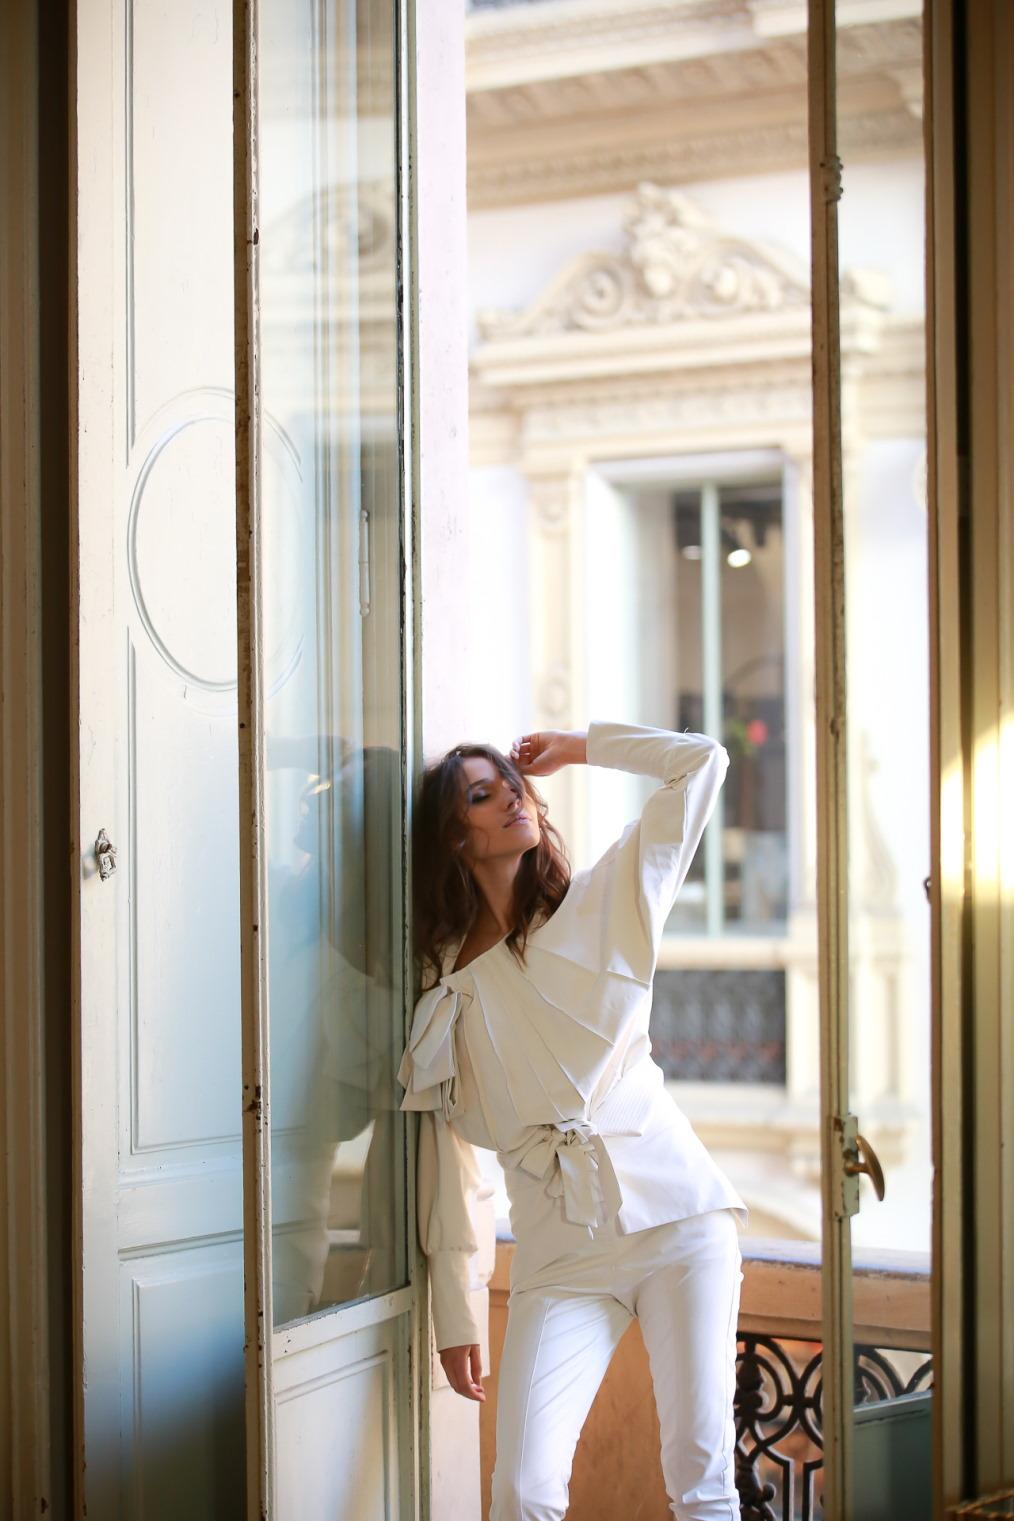 Glamurozna kolekcija Krie Designa podsjeća nas da nikada ne zaboravimo naše snove